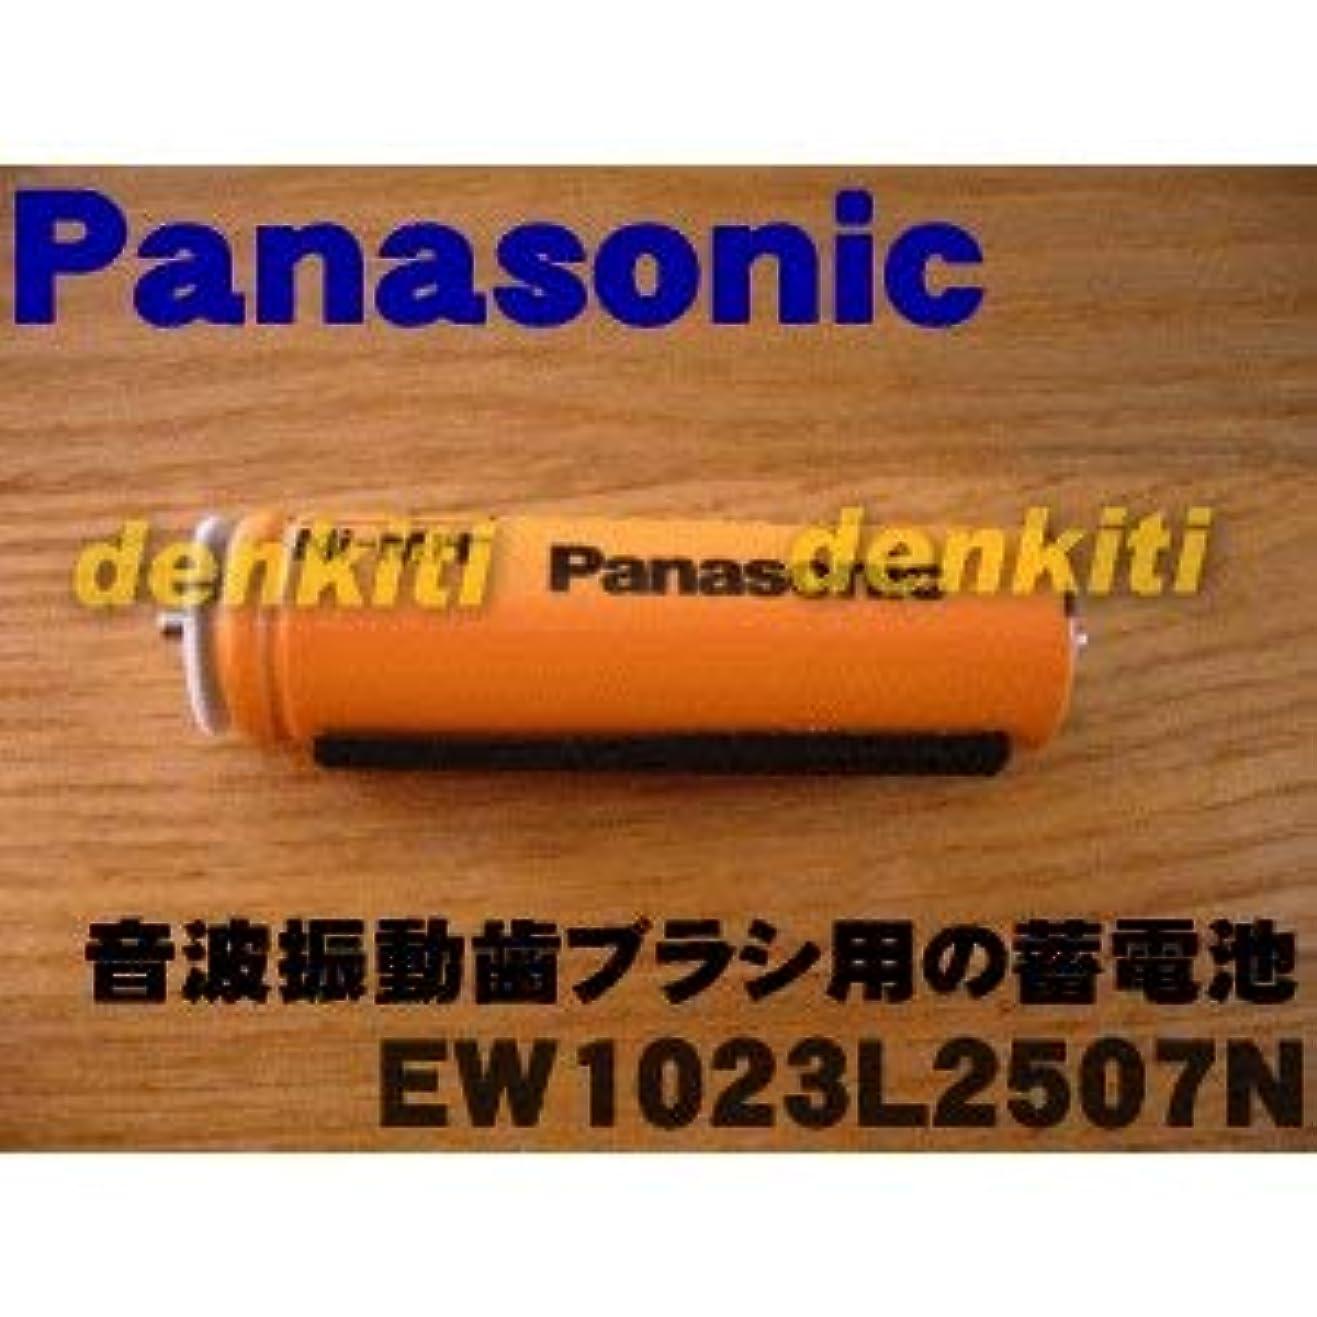 ほのめかすスーダンそばに【ゆうパケット対応品】 パナソニック Panasonic 音波振動ハブラシ Doltz 蓄電池交換用蓄電池 EW1023L2507N